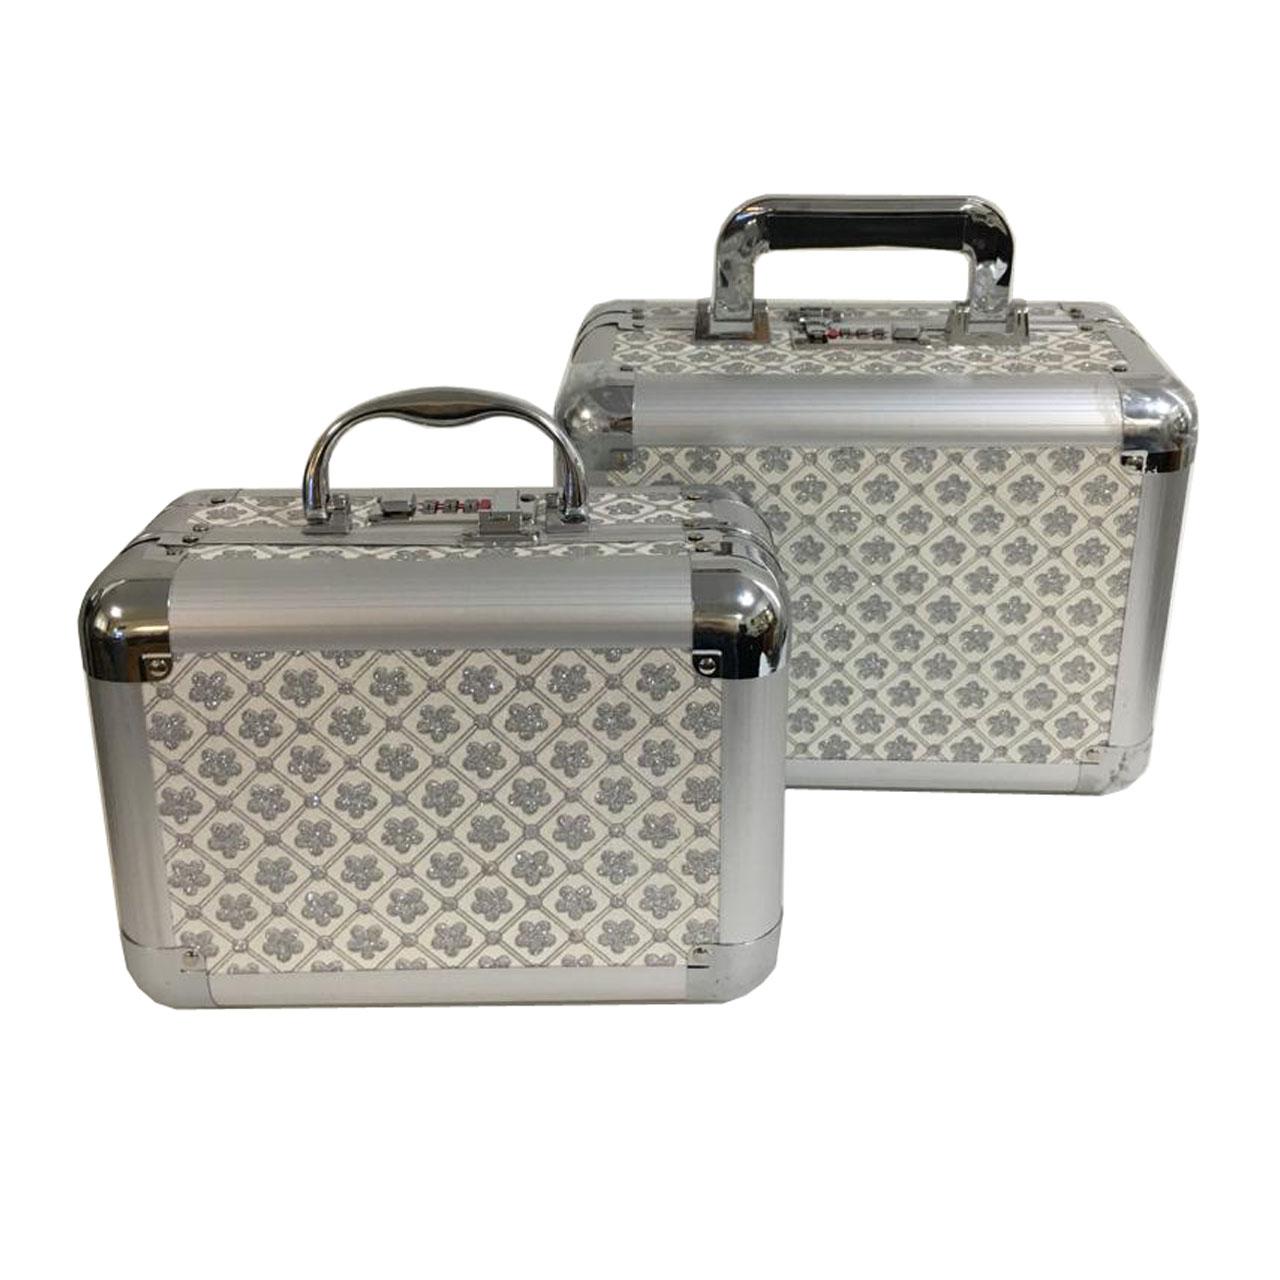 قیمت کیف لوازم آرایش مدل SG244 بسته 2 عددی